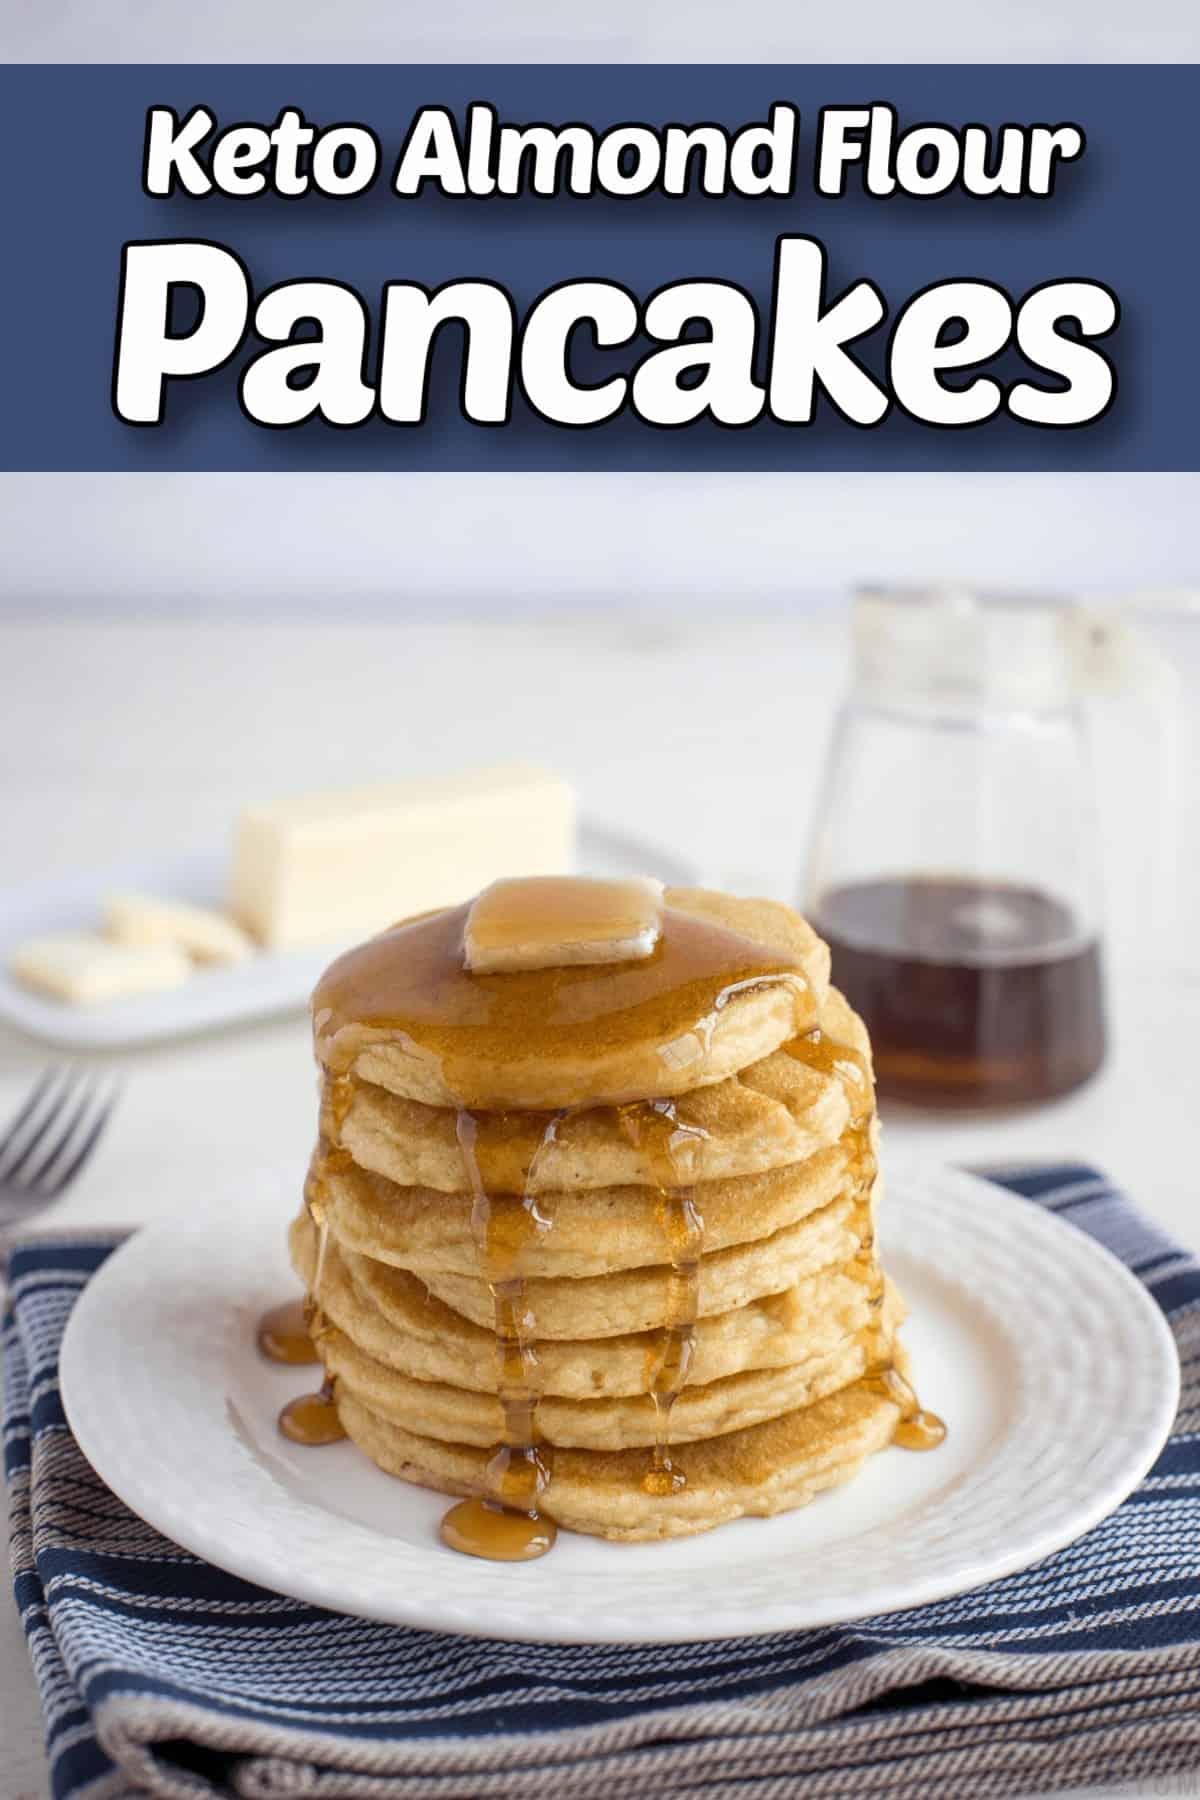 almond flour pancakes keto gluten free pintrest image